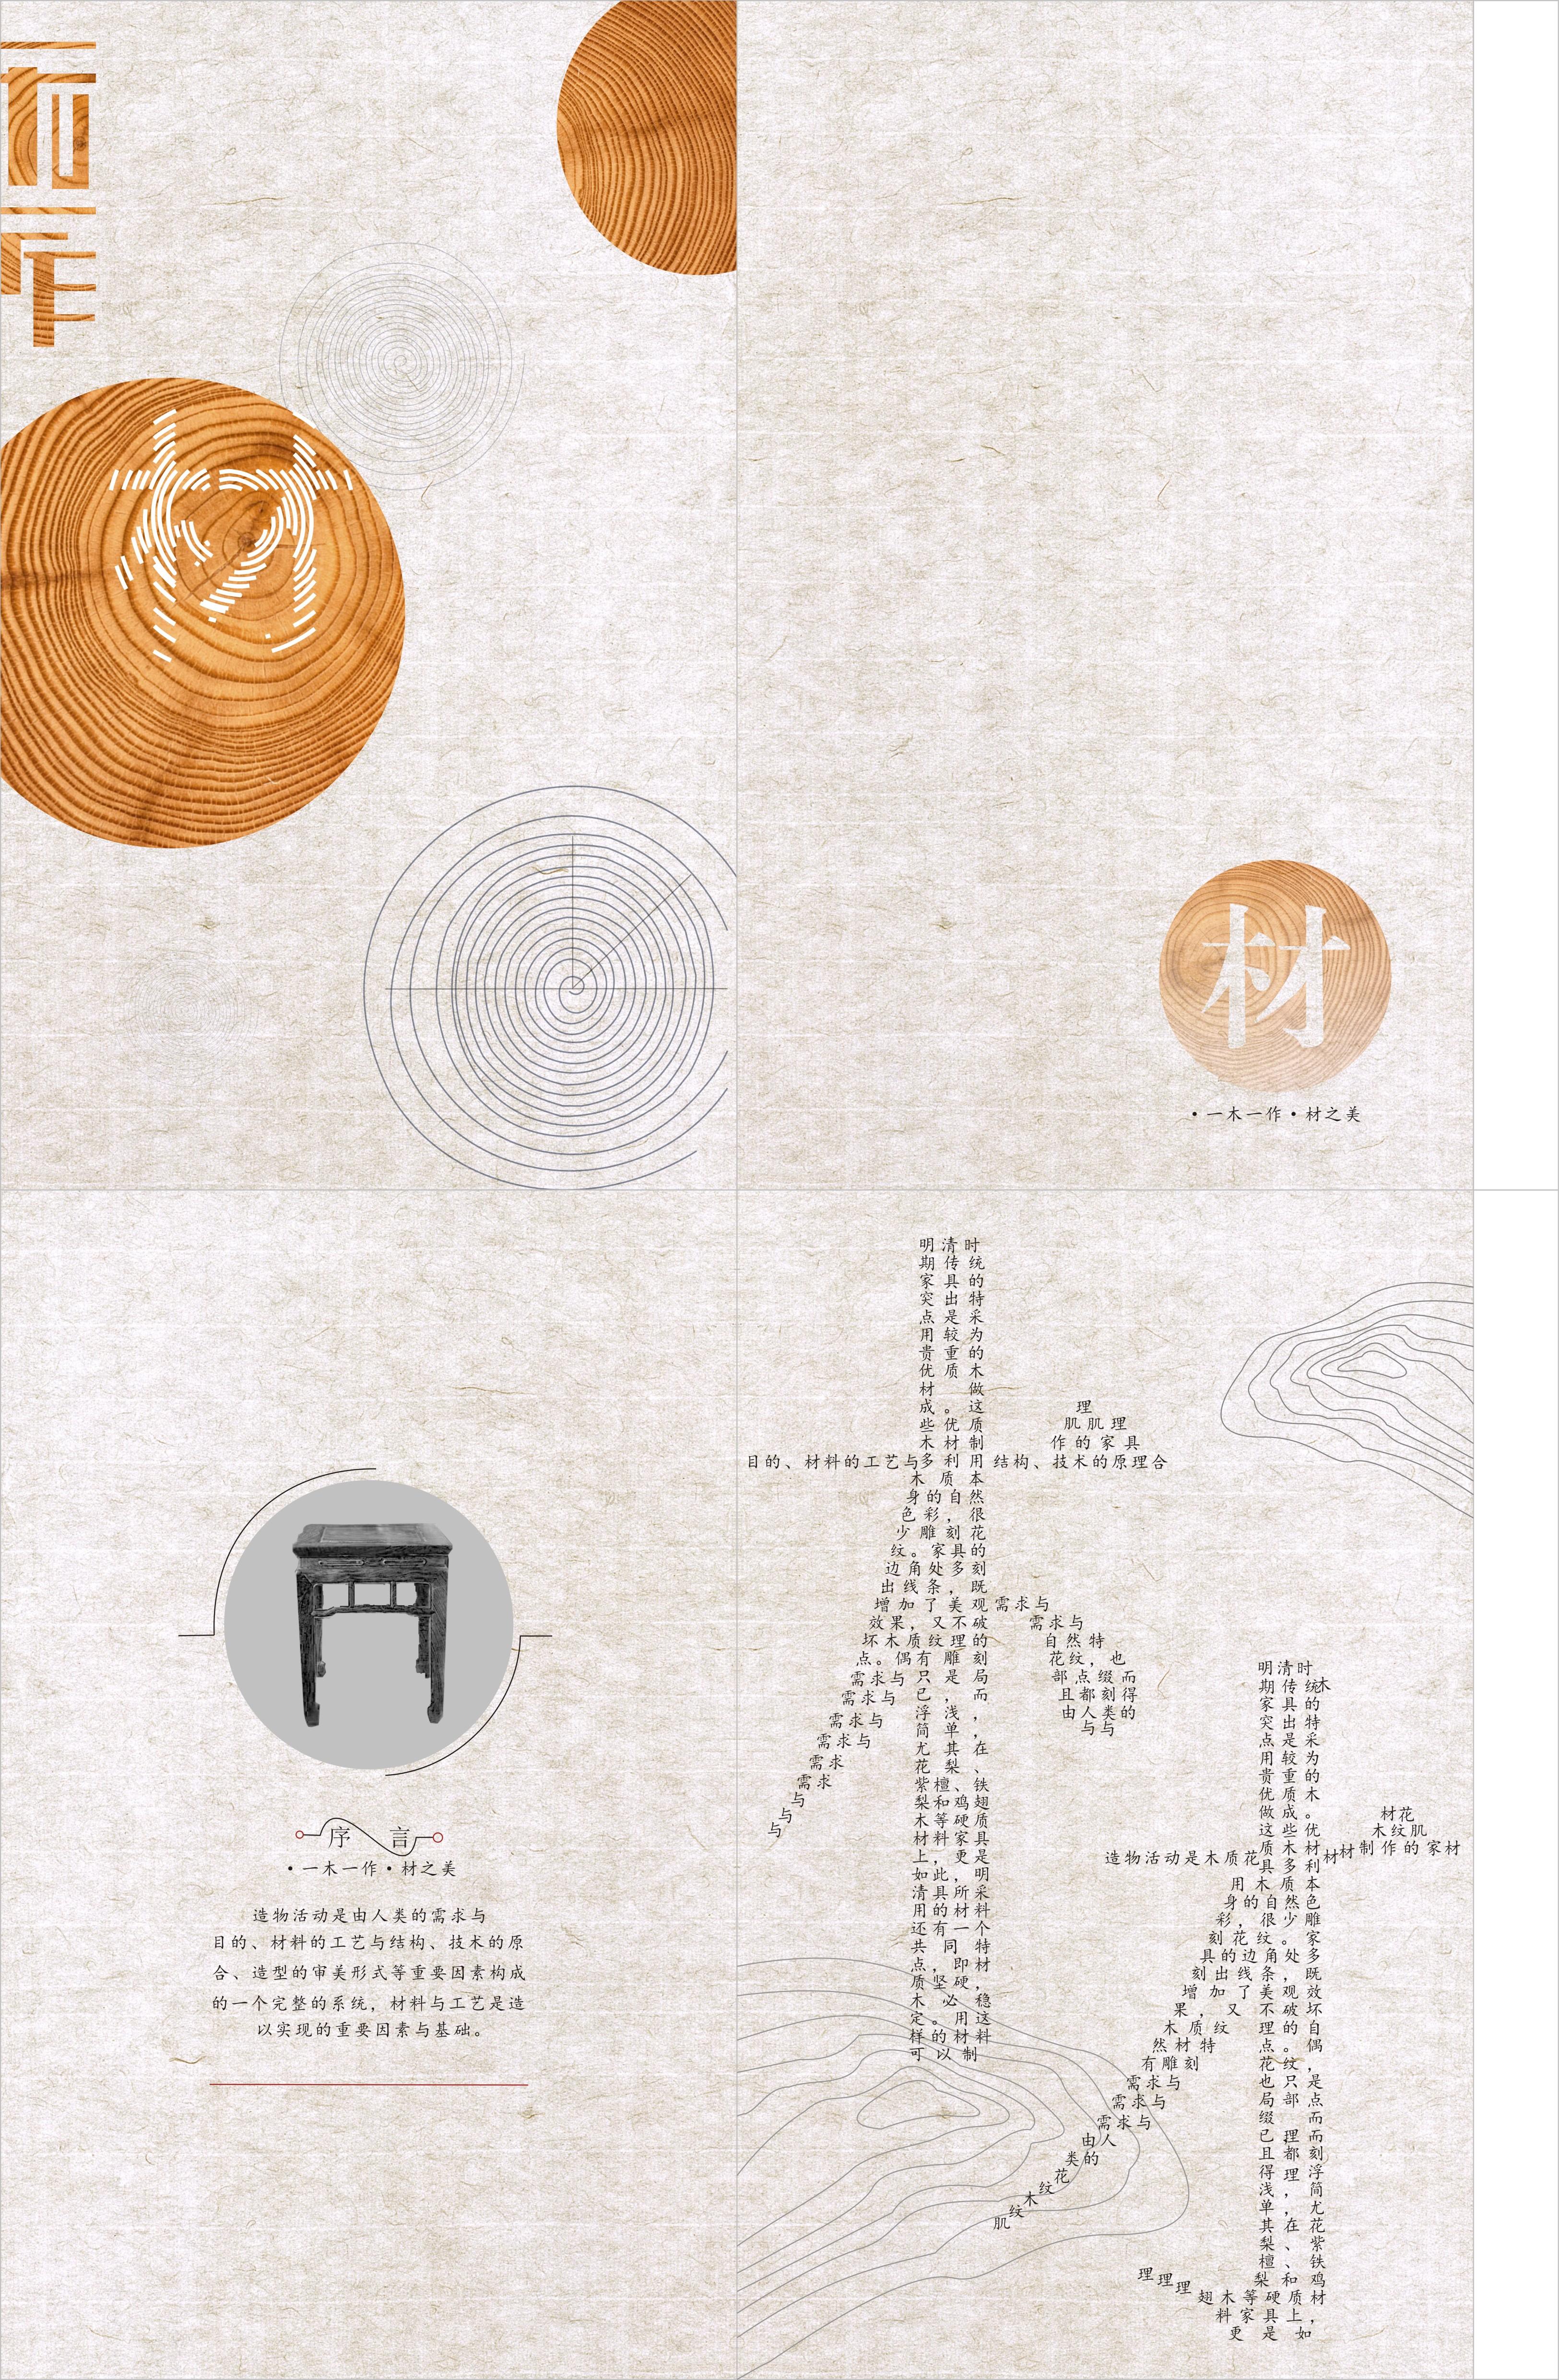 《一木一作系列书籍装帧设计》河南城建学院 谷浩杰